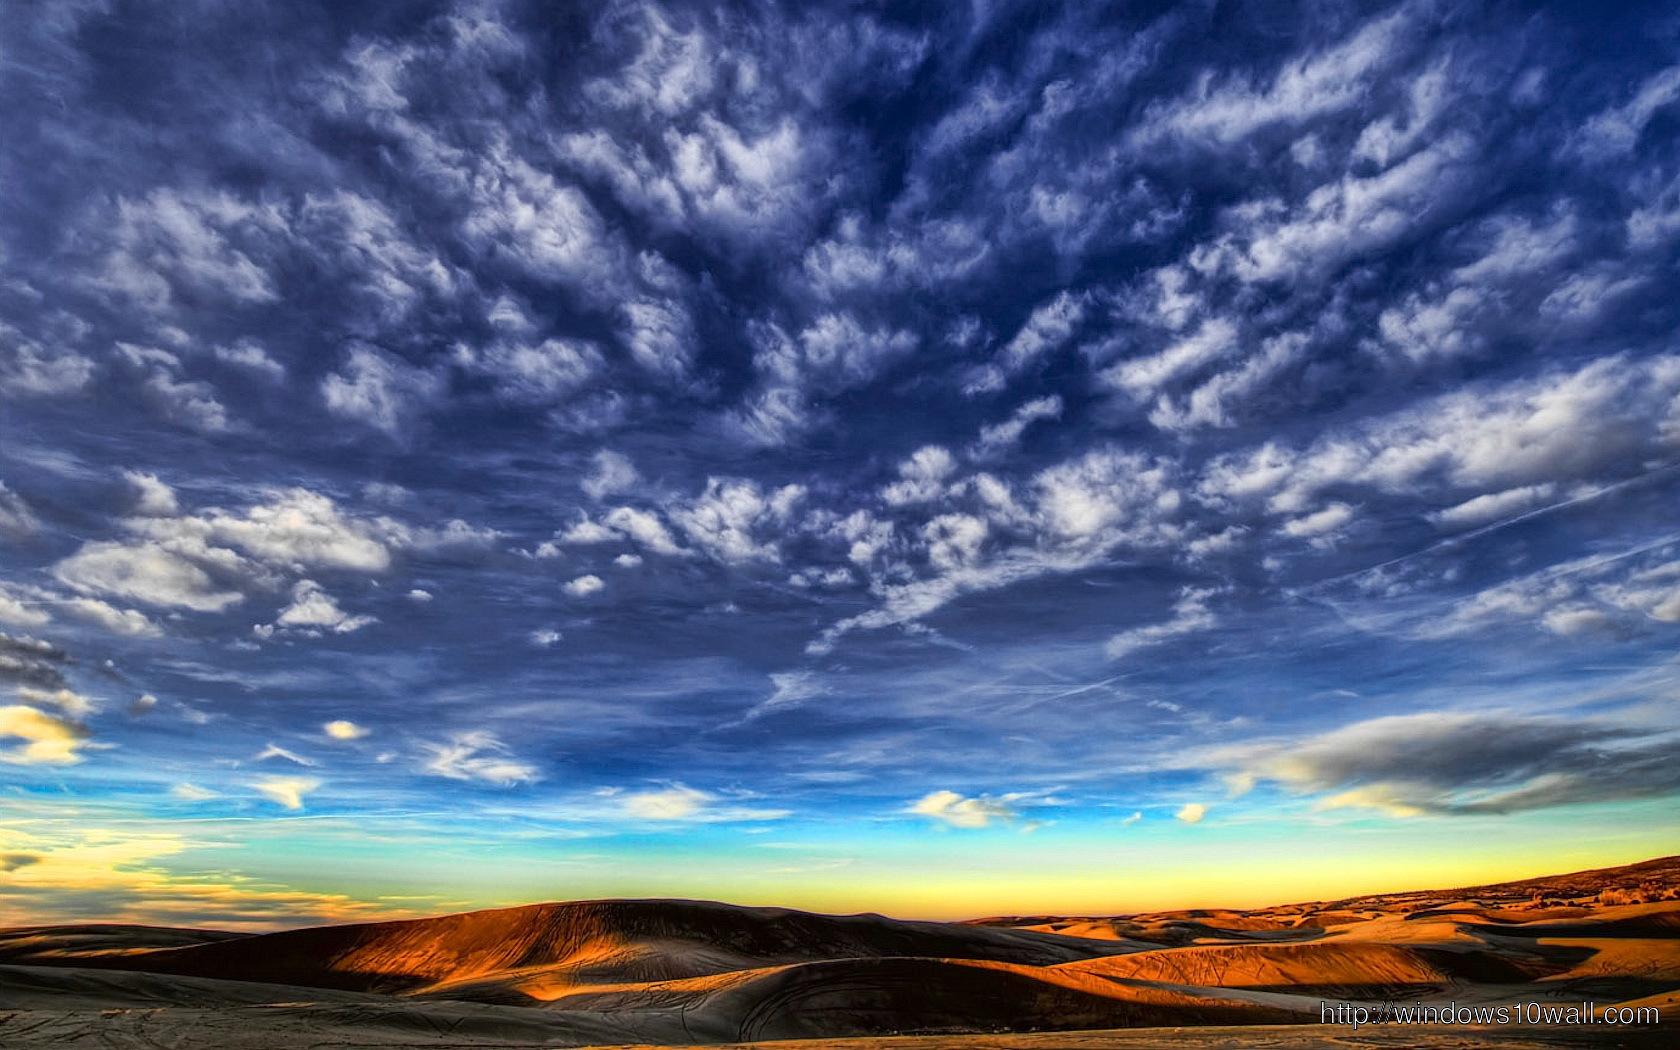 Blue Lamborghini Hd Wallpaper Beautiful Blue Sky Hd Cloud Wallpaper Windows 10 Wallpapers